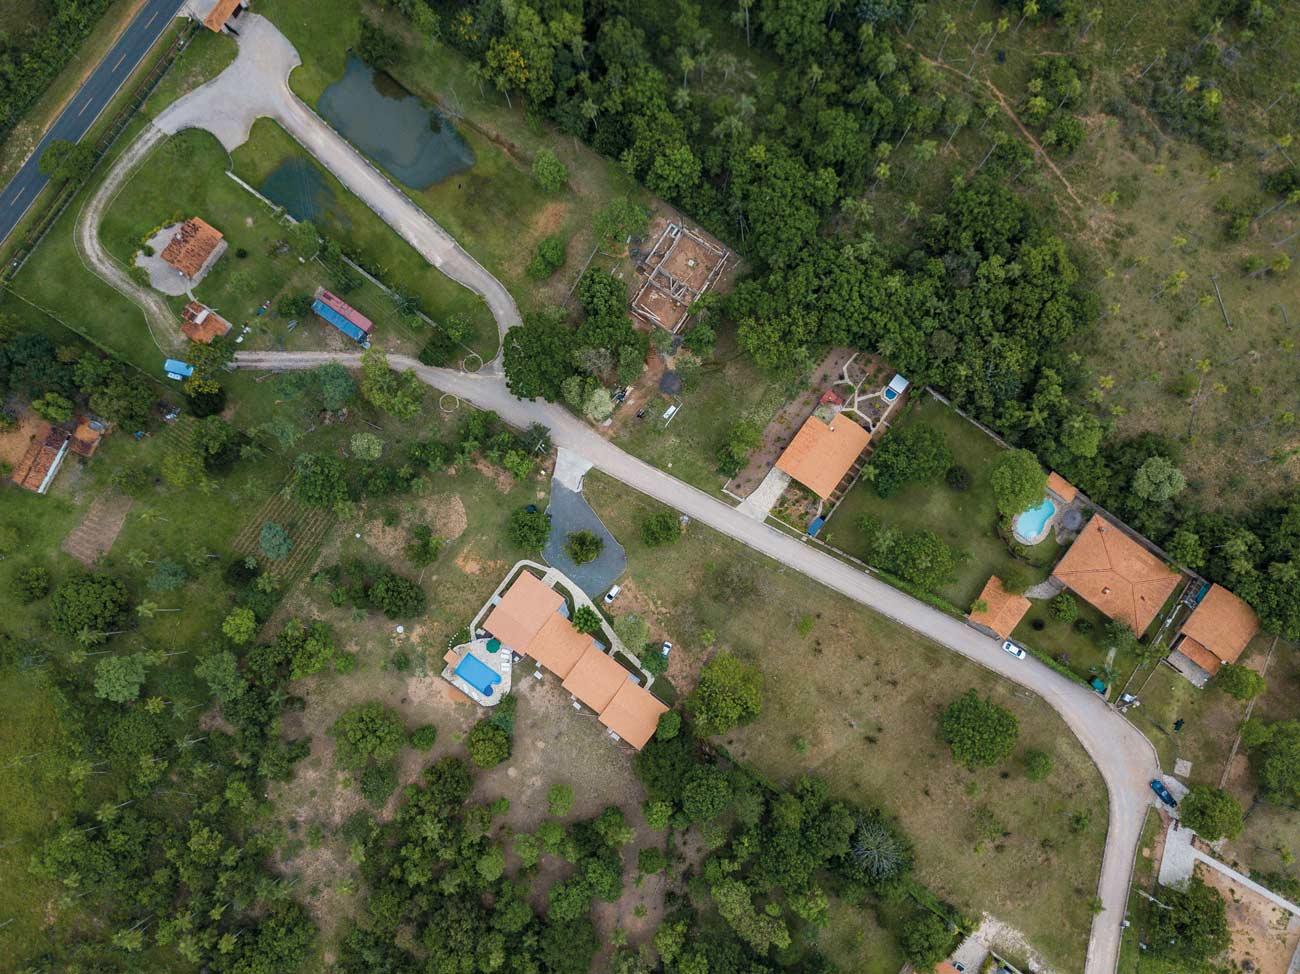 Immobilienverkauf: Was ist eigentlich der Bodenrichtwert?